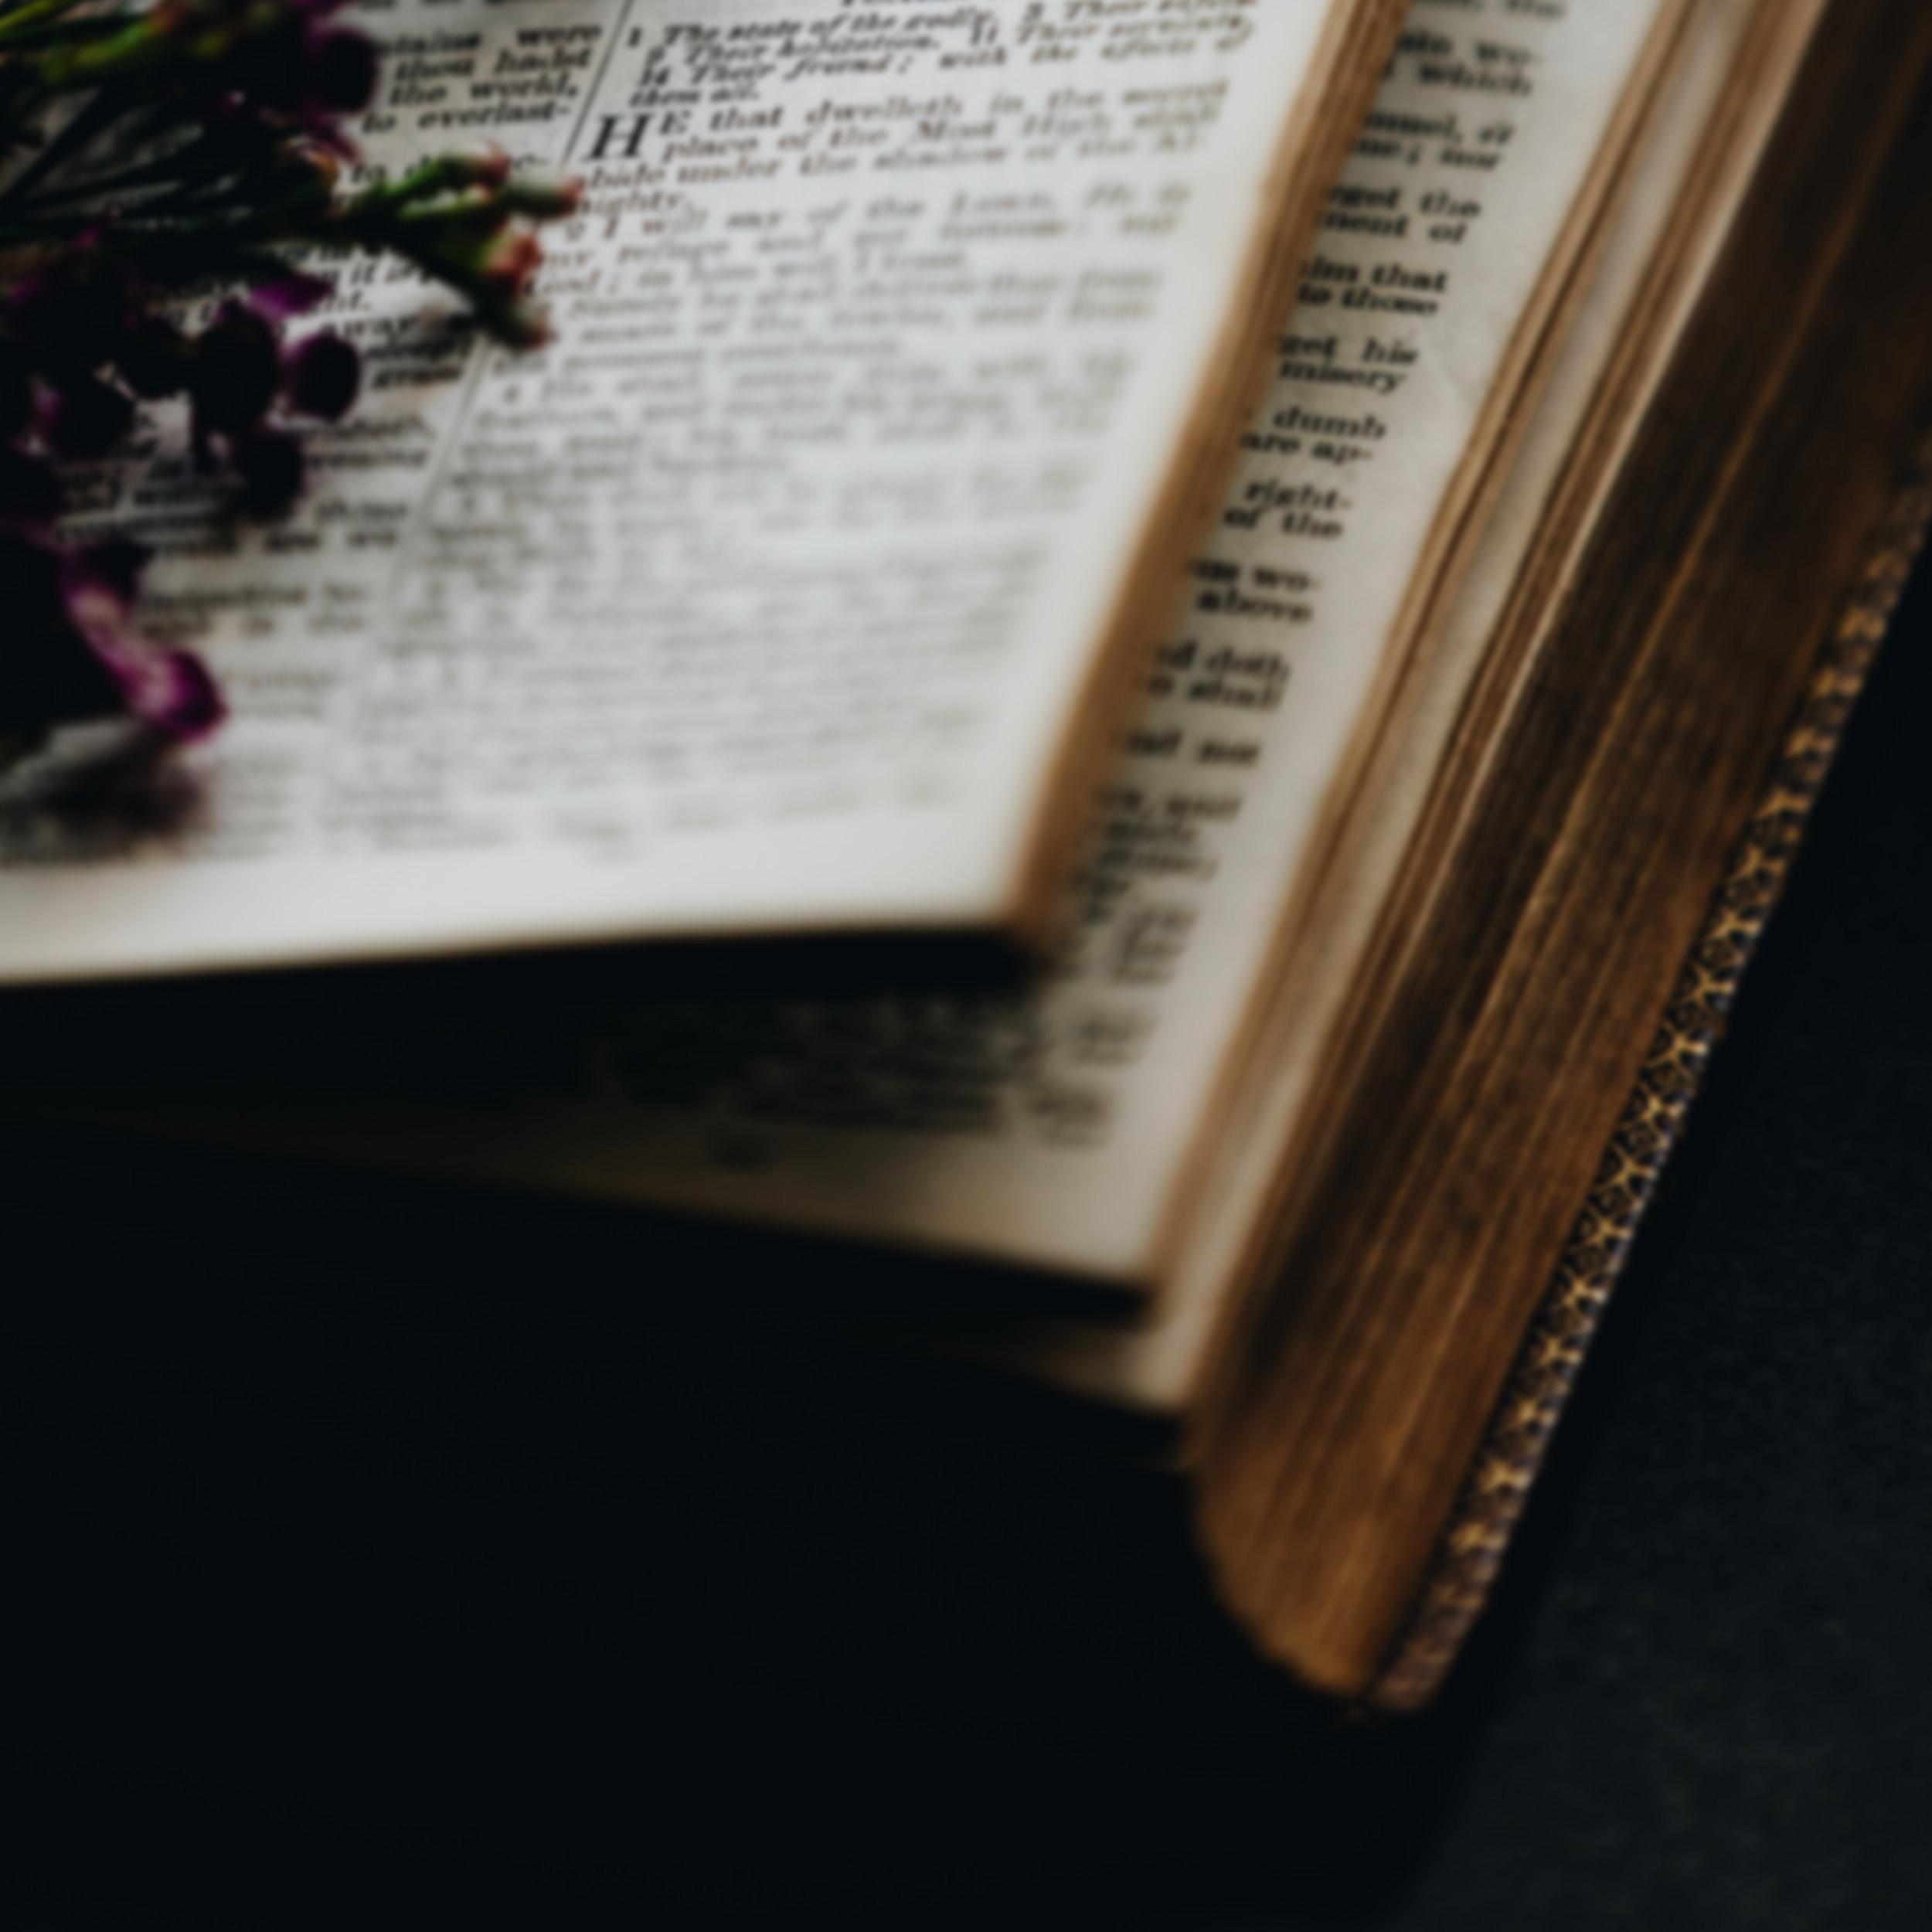 1. Johannesbrief – eine Fälschung?